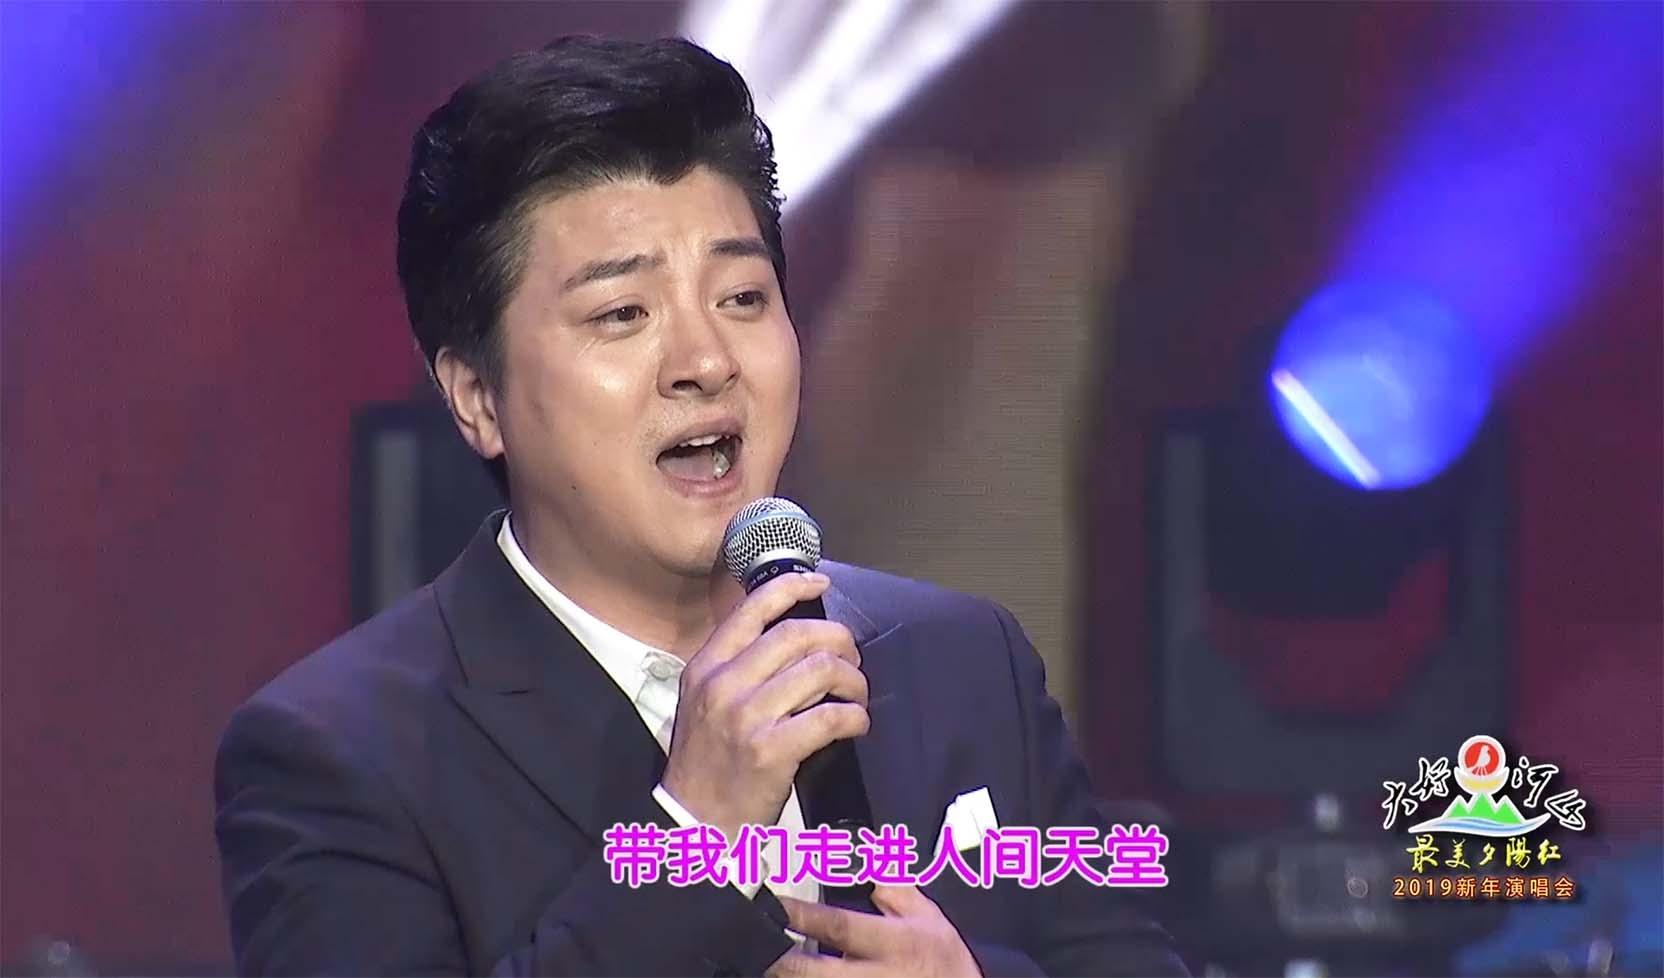 """大好河山2019""""最美夕阳红""""新年公益晚会 歌曲《天路》黄训国"""